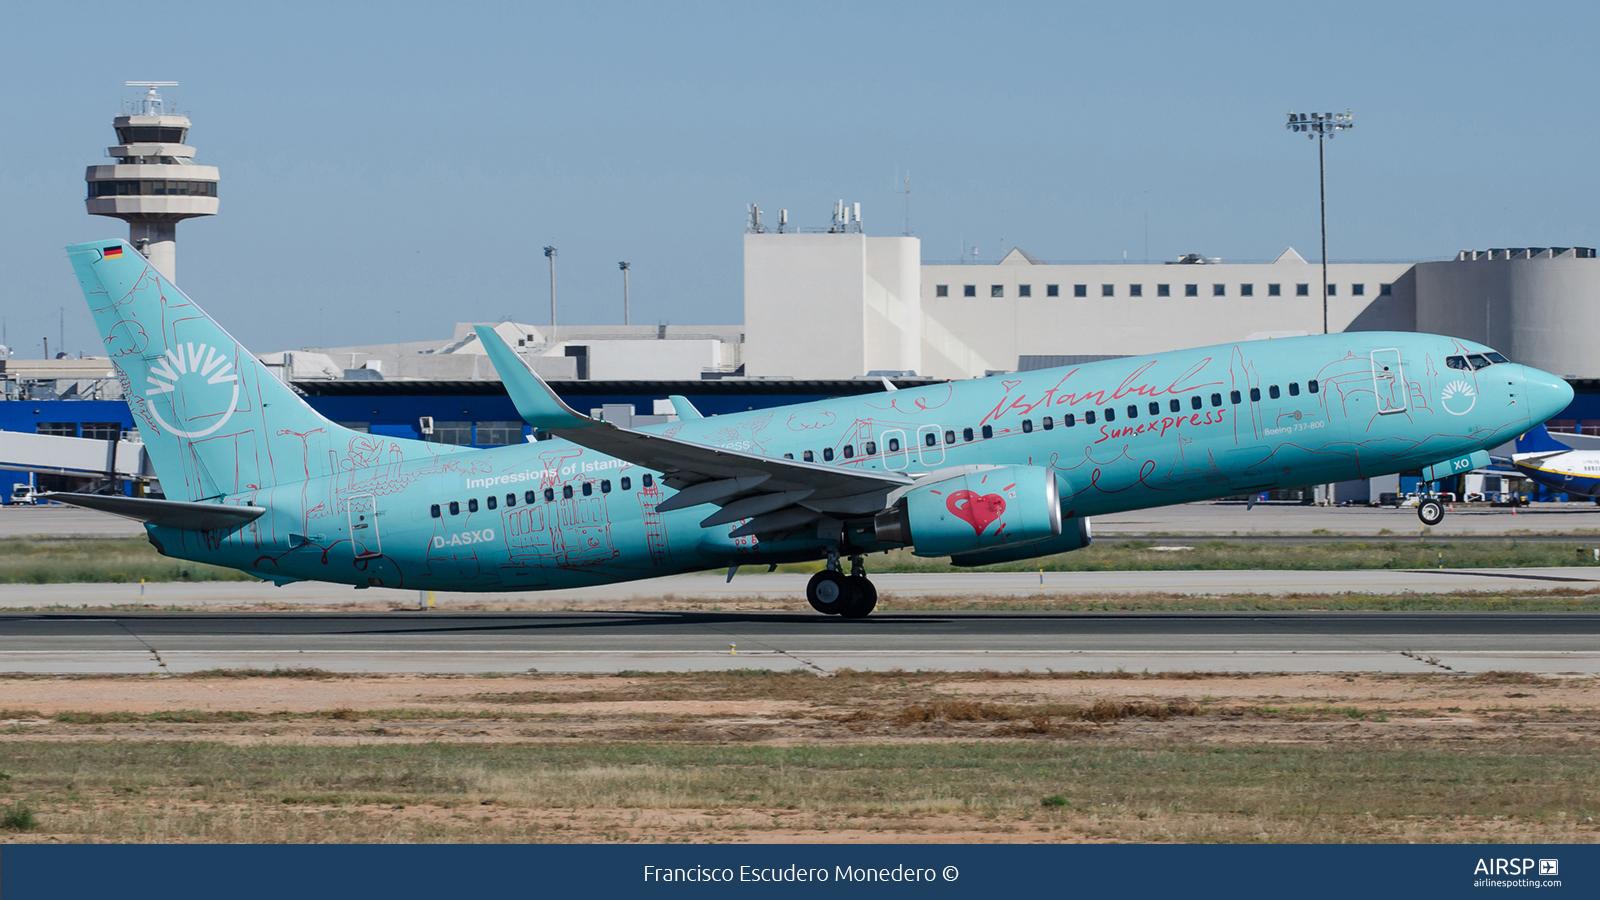 Sun ExpressBoeing 737-800D-ASXO